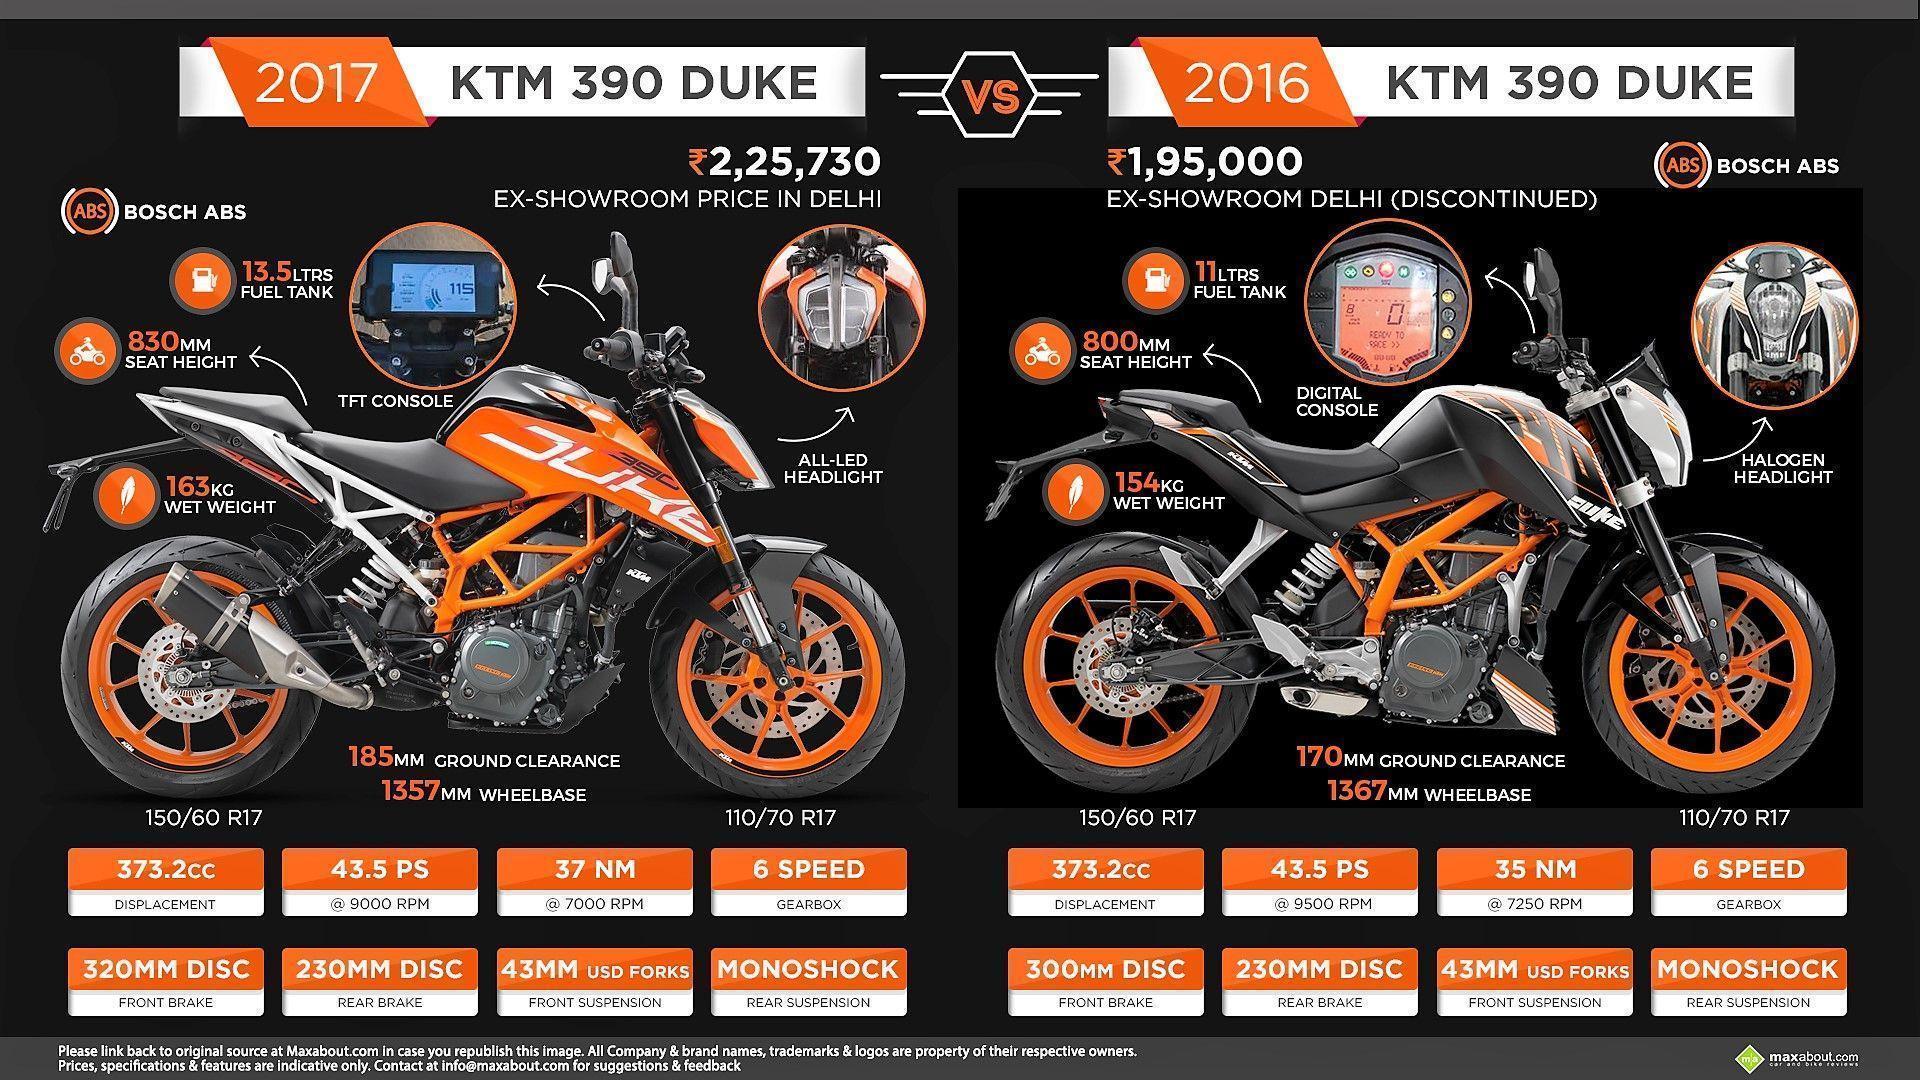 Ktm Duke 390 Wallpapers: Ktm Duke 390 Wallpapers